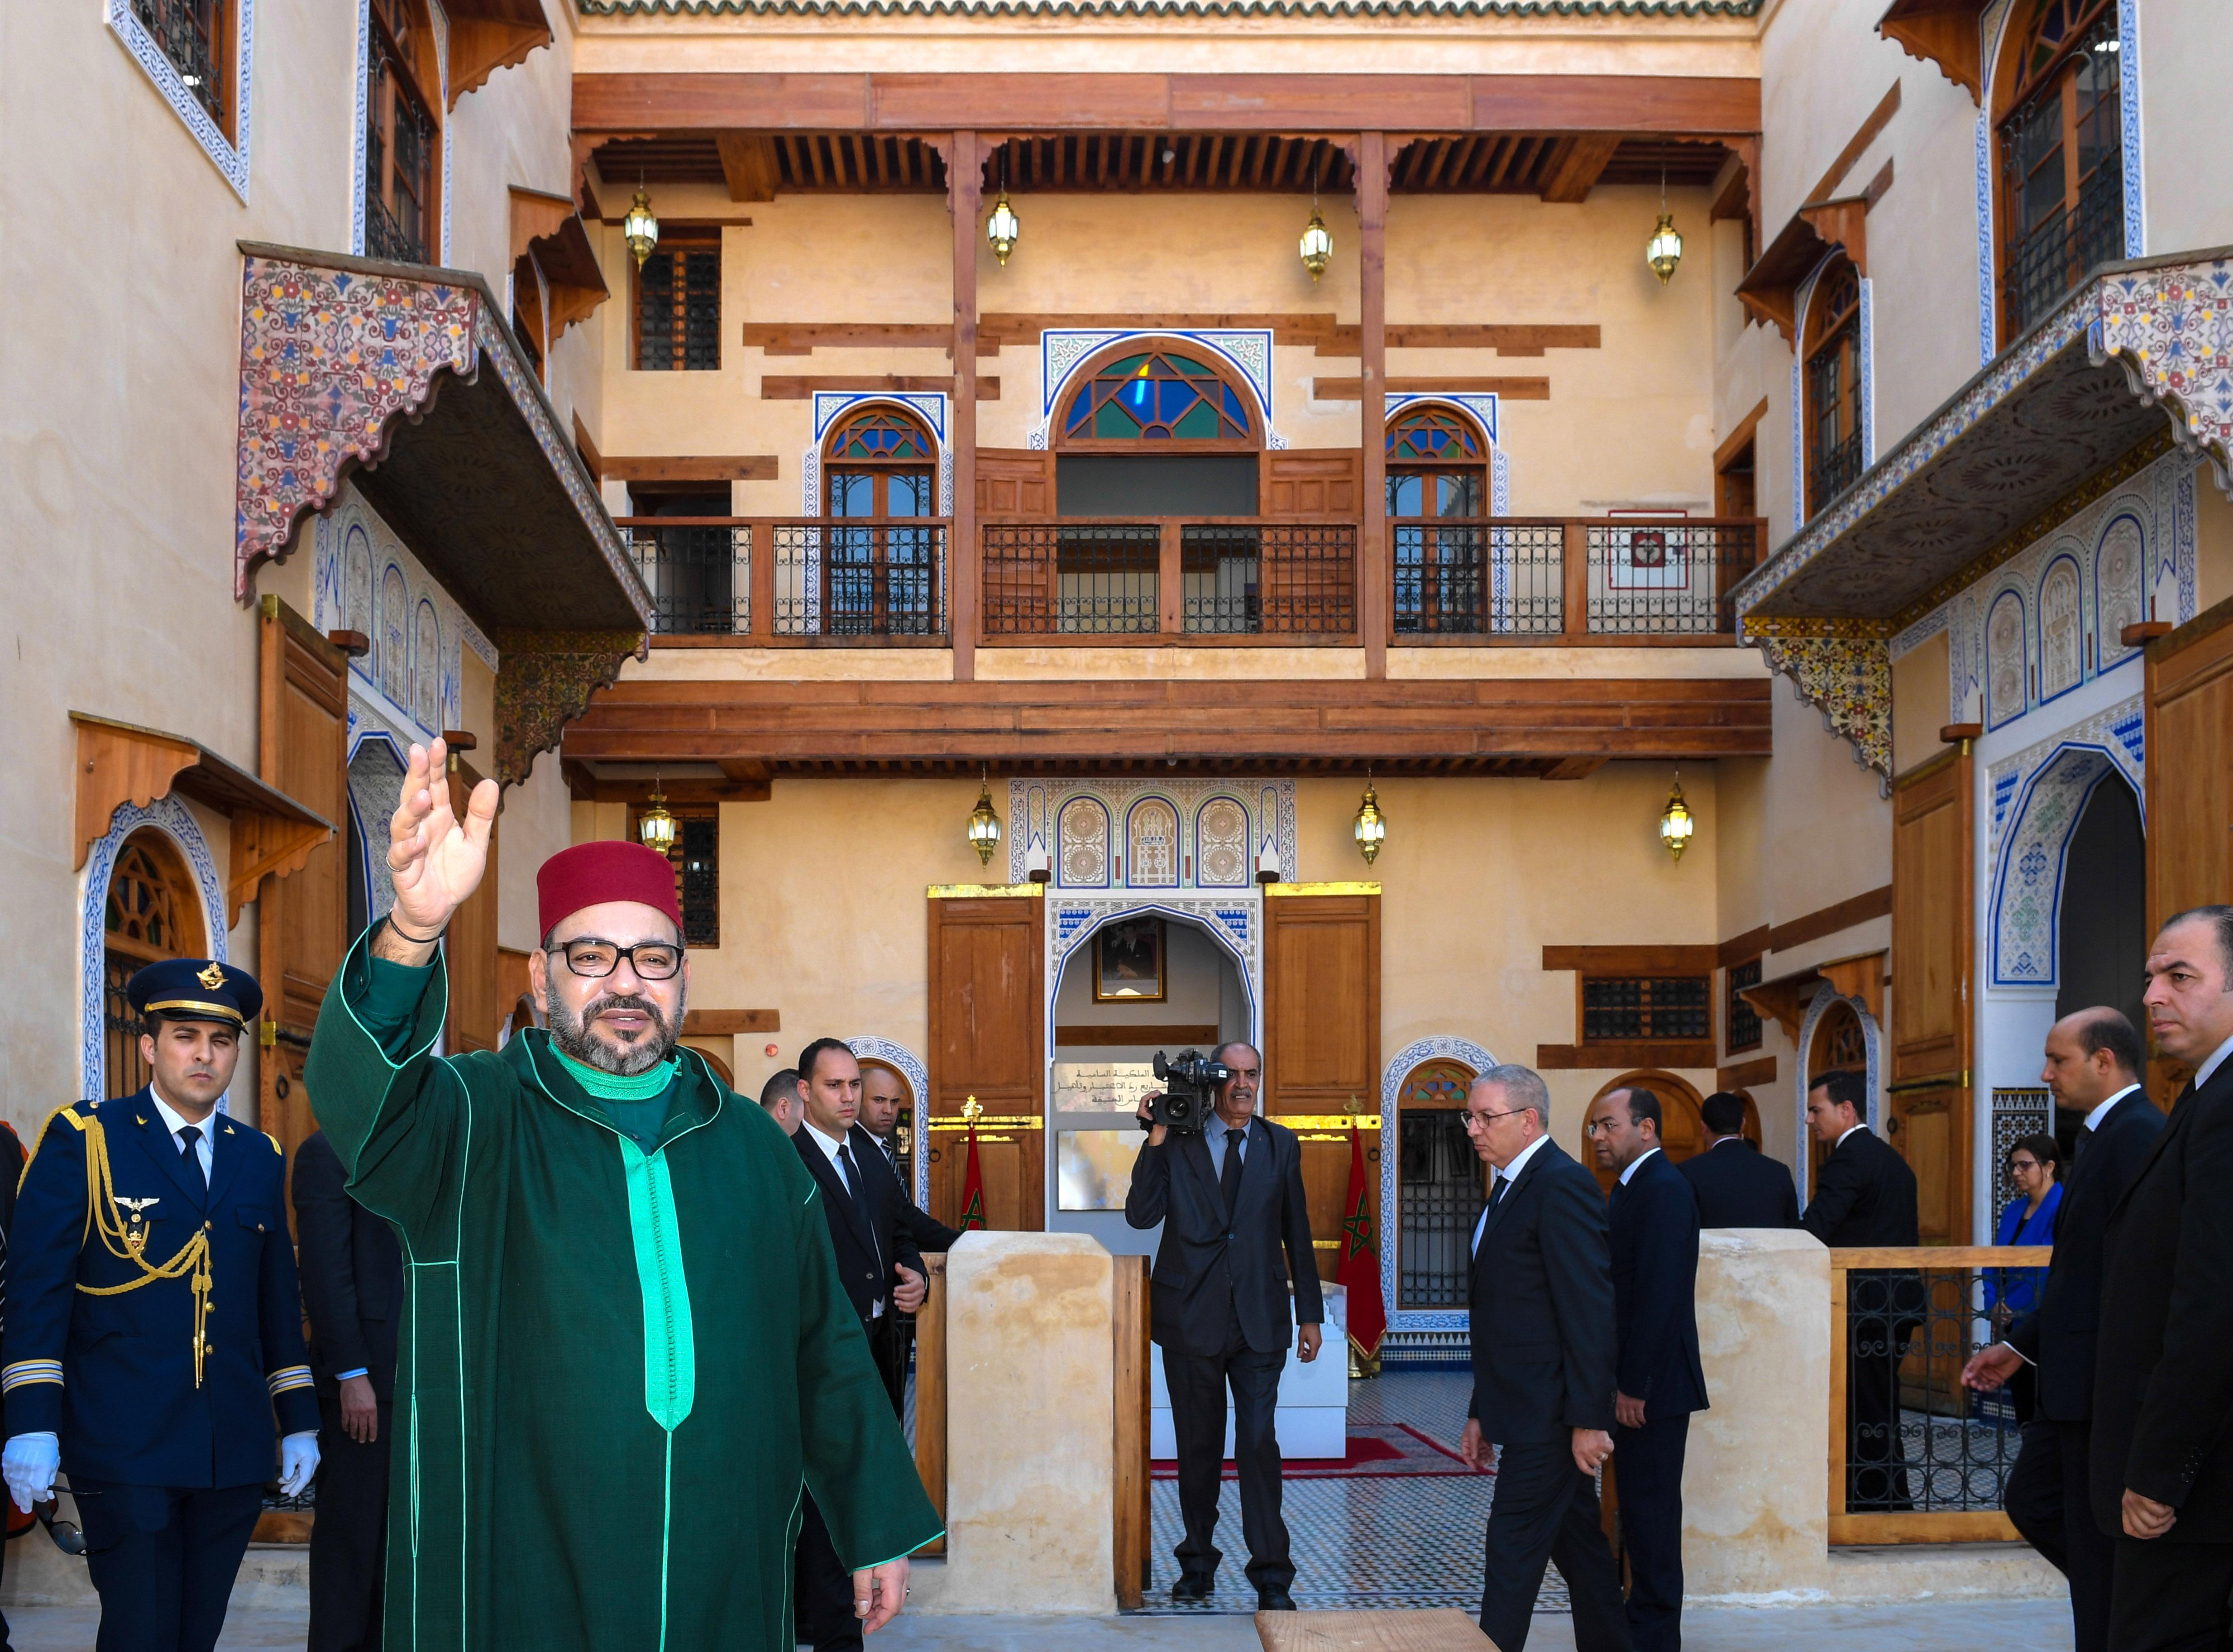 بيرديغو: إحداث المٓلك لمتحف الثقافة اليهودية يحمل رمزية إستثنائية لإبراز تاريخ التعايش والعيش المشترك بين المسلمين واليهود